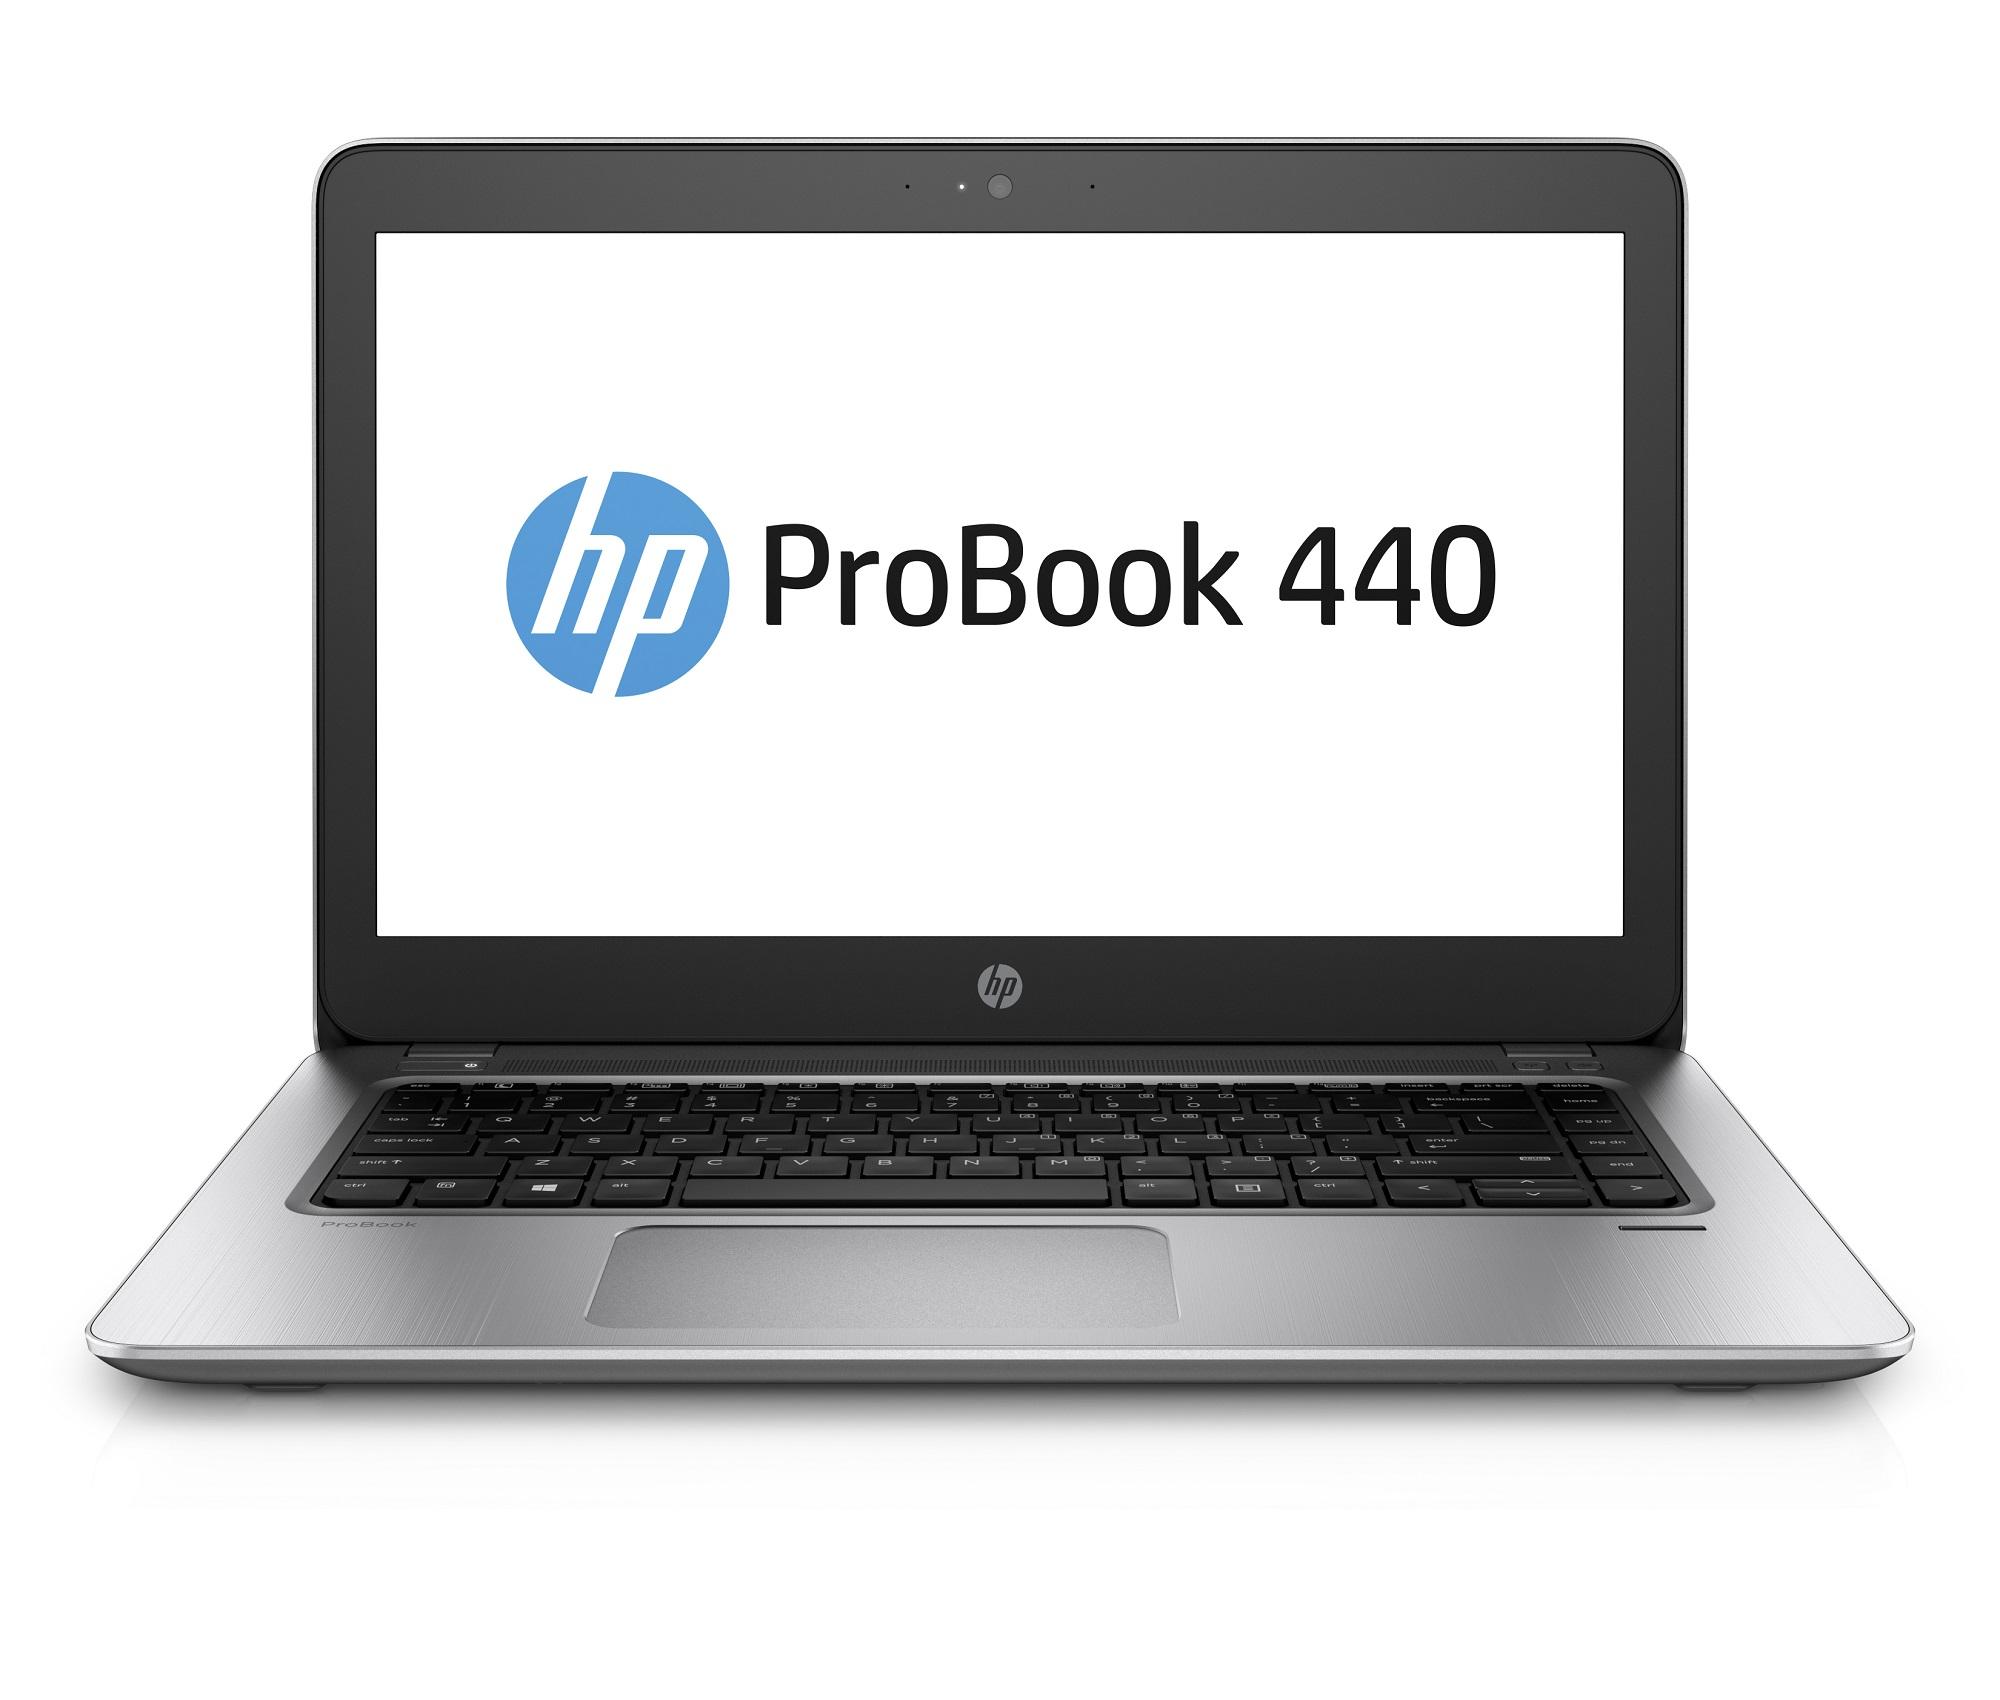 HP ProBook 440 G4 i5-7200U/4GB/256GB SSD+slot 2,5''/14'' FHD/Backlit kbd, Win 10 Pro